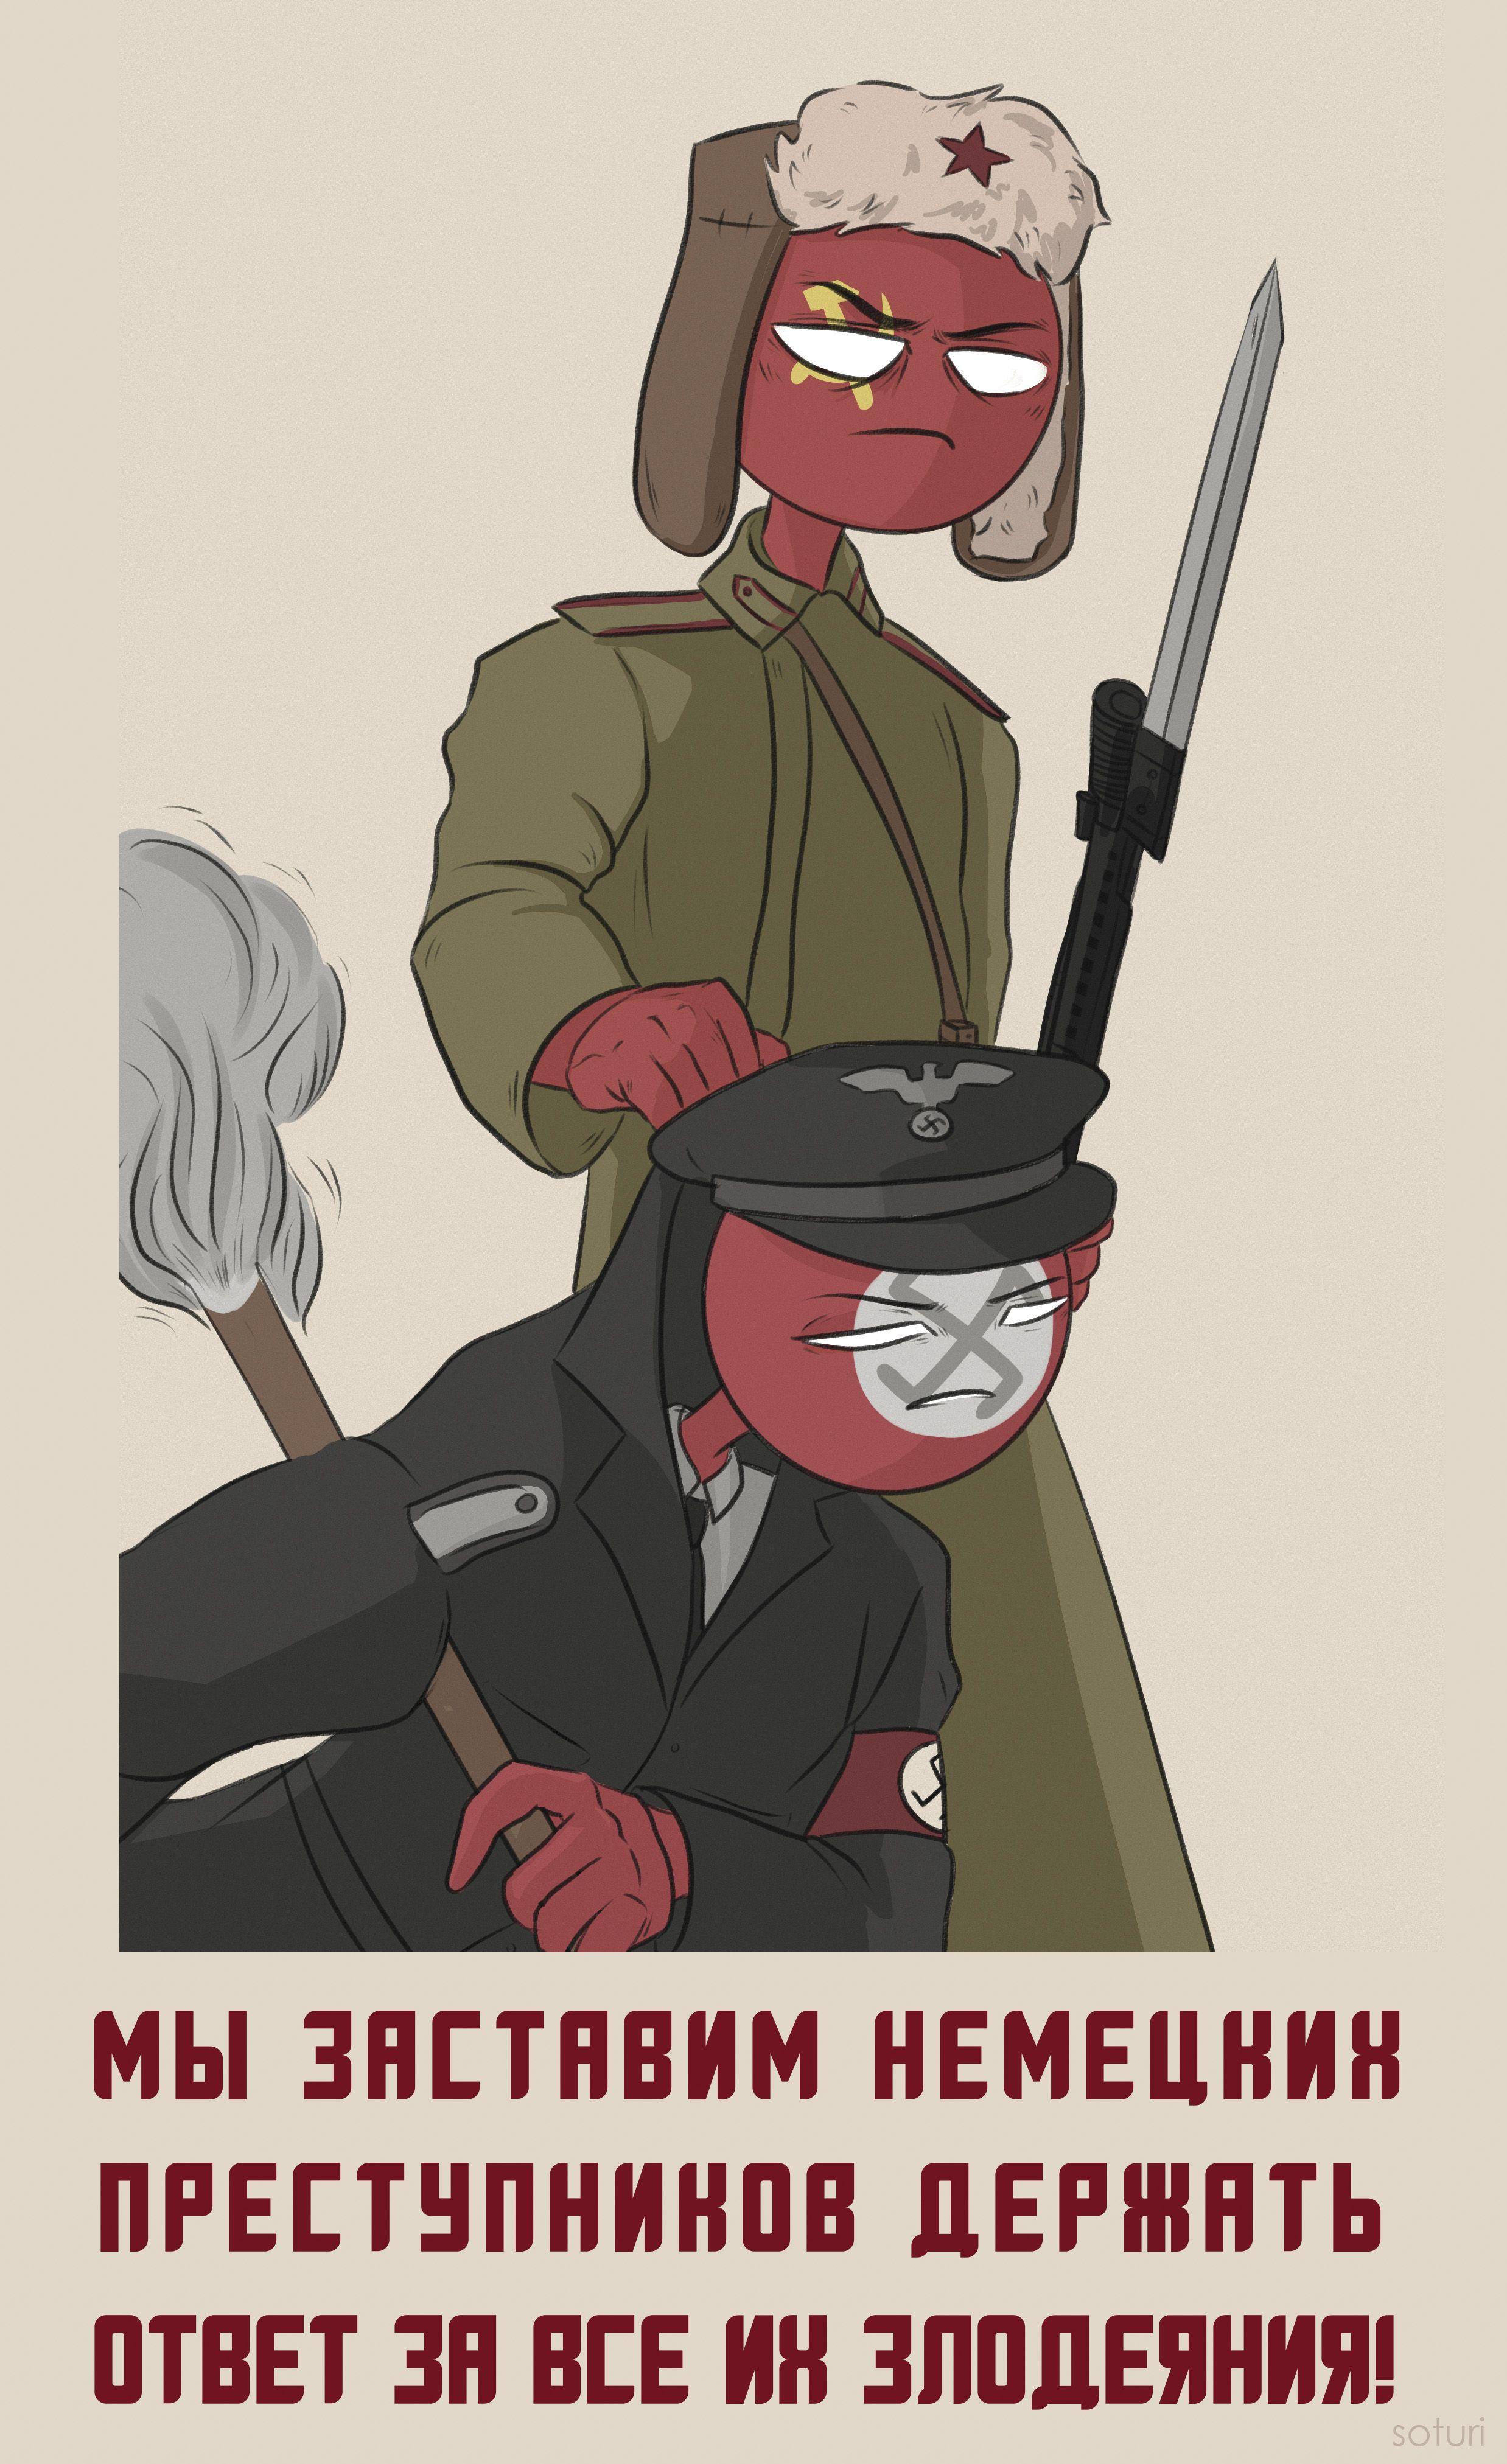 Бедный фашист XD это лучшее наказание за всю историю Мовка ...